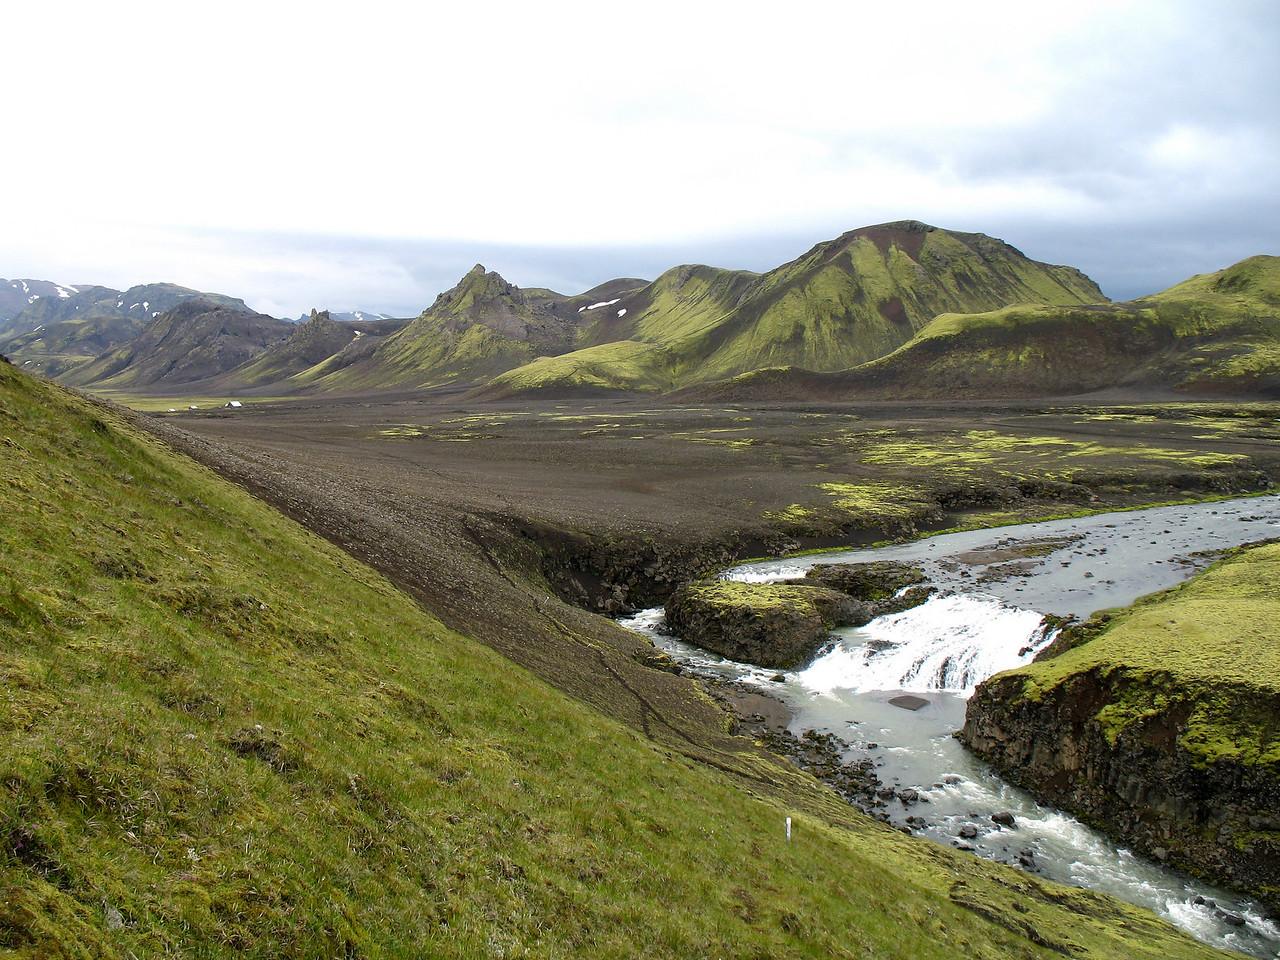 """Mig minnir að þessar flúðir í Kaldaklofskvíslinni heiti """"Faldur"""" en er samt ekki viss. Í baksýn sjást Hvanngilshnausar, þangað fórum við næst."""